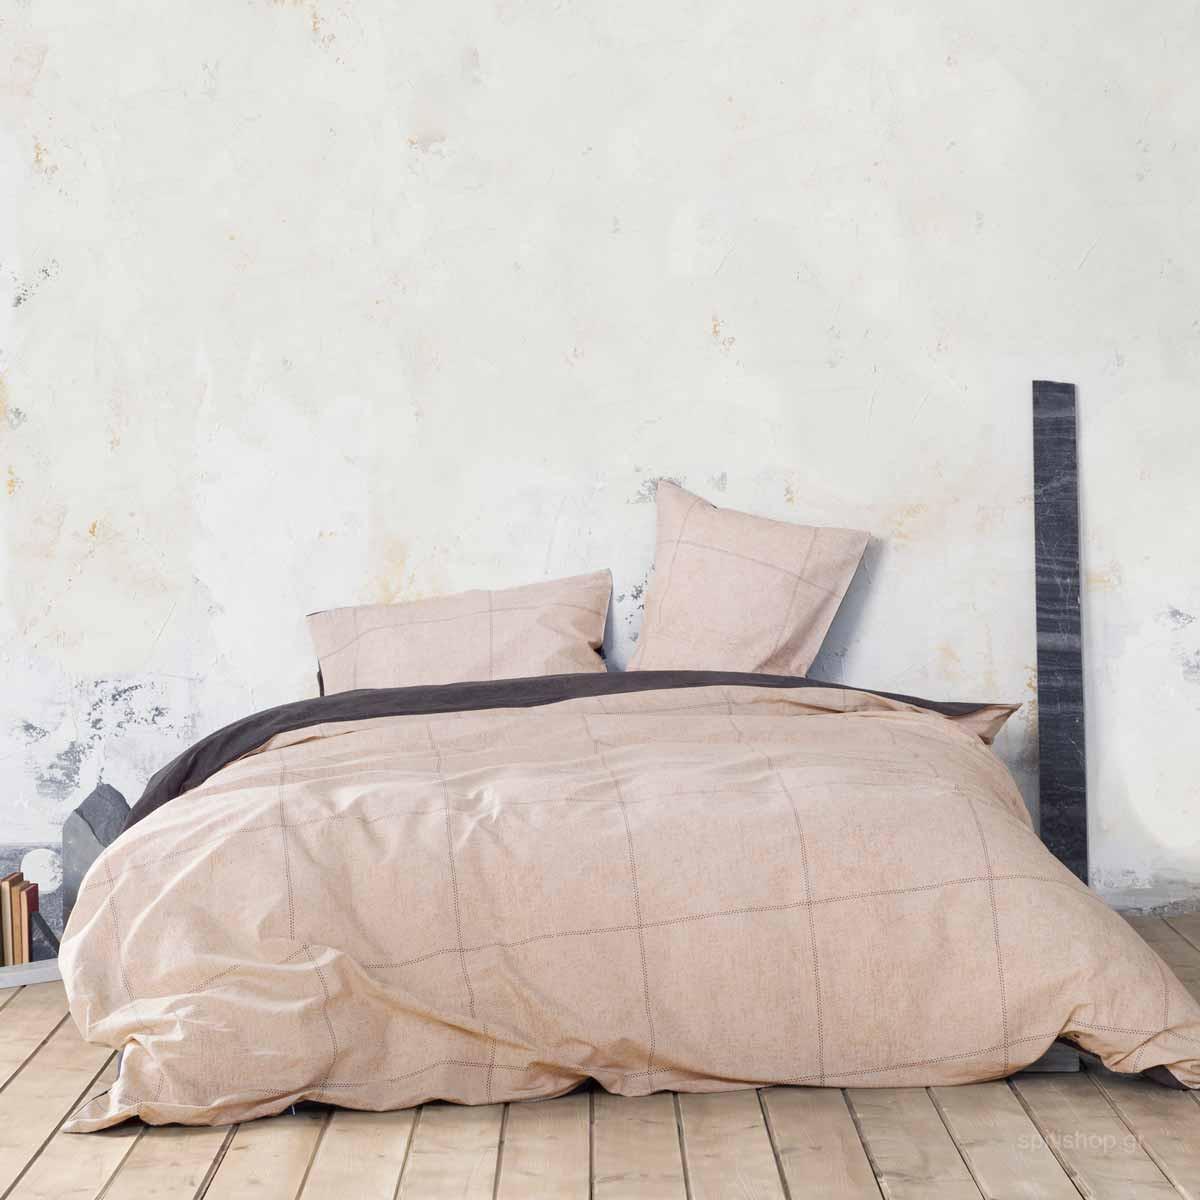 Παπλωματοθήκη Μονή (Σετ) Nima Bed Linen Tailor Beige